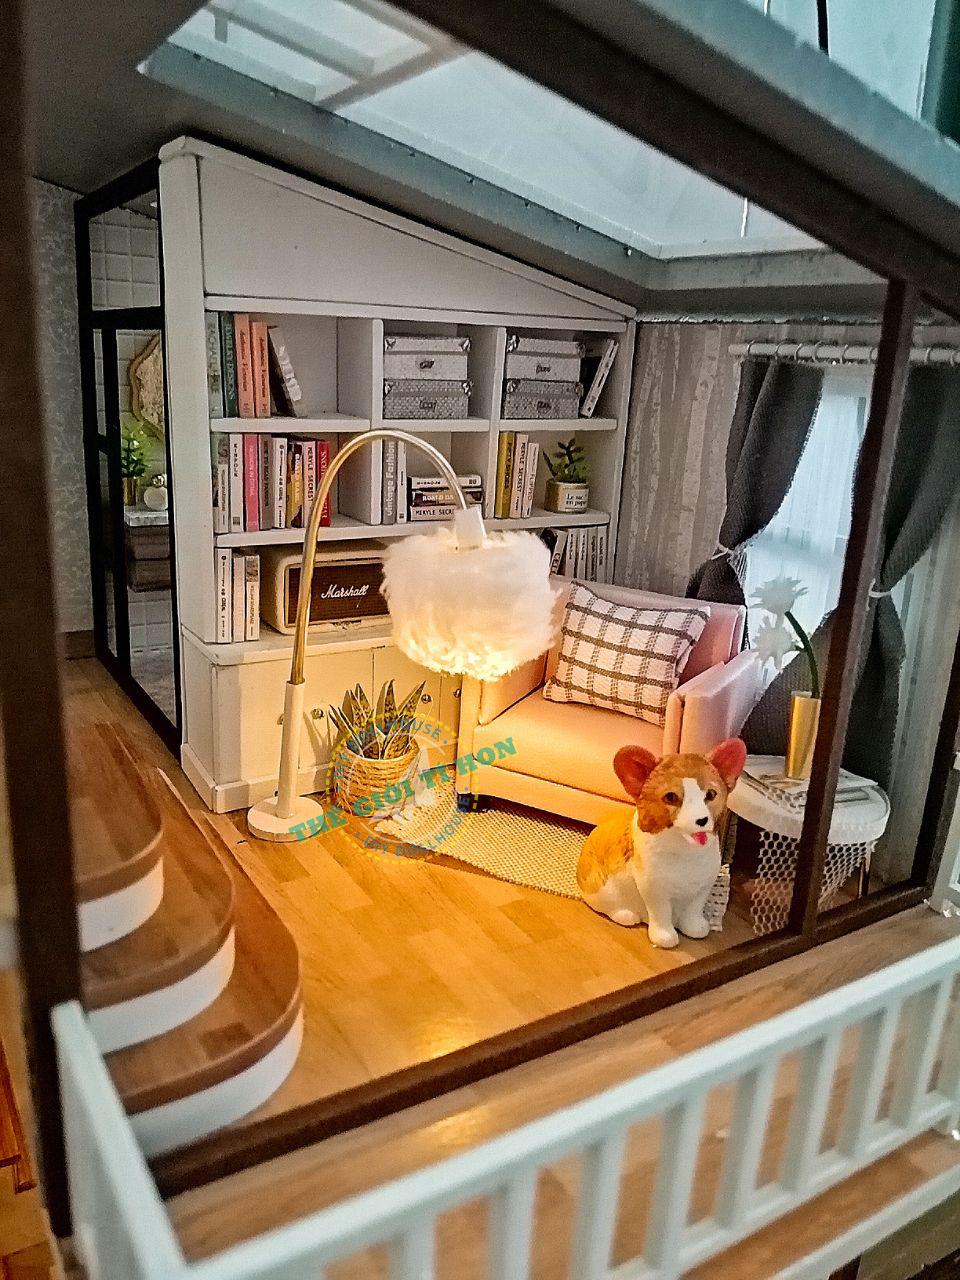 Kiệt Tác Biệt Thự Mô Hình Gỗ Handmade Tự Lắp Ráp Của Bội - A080